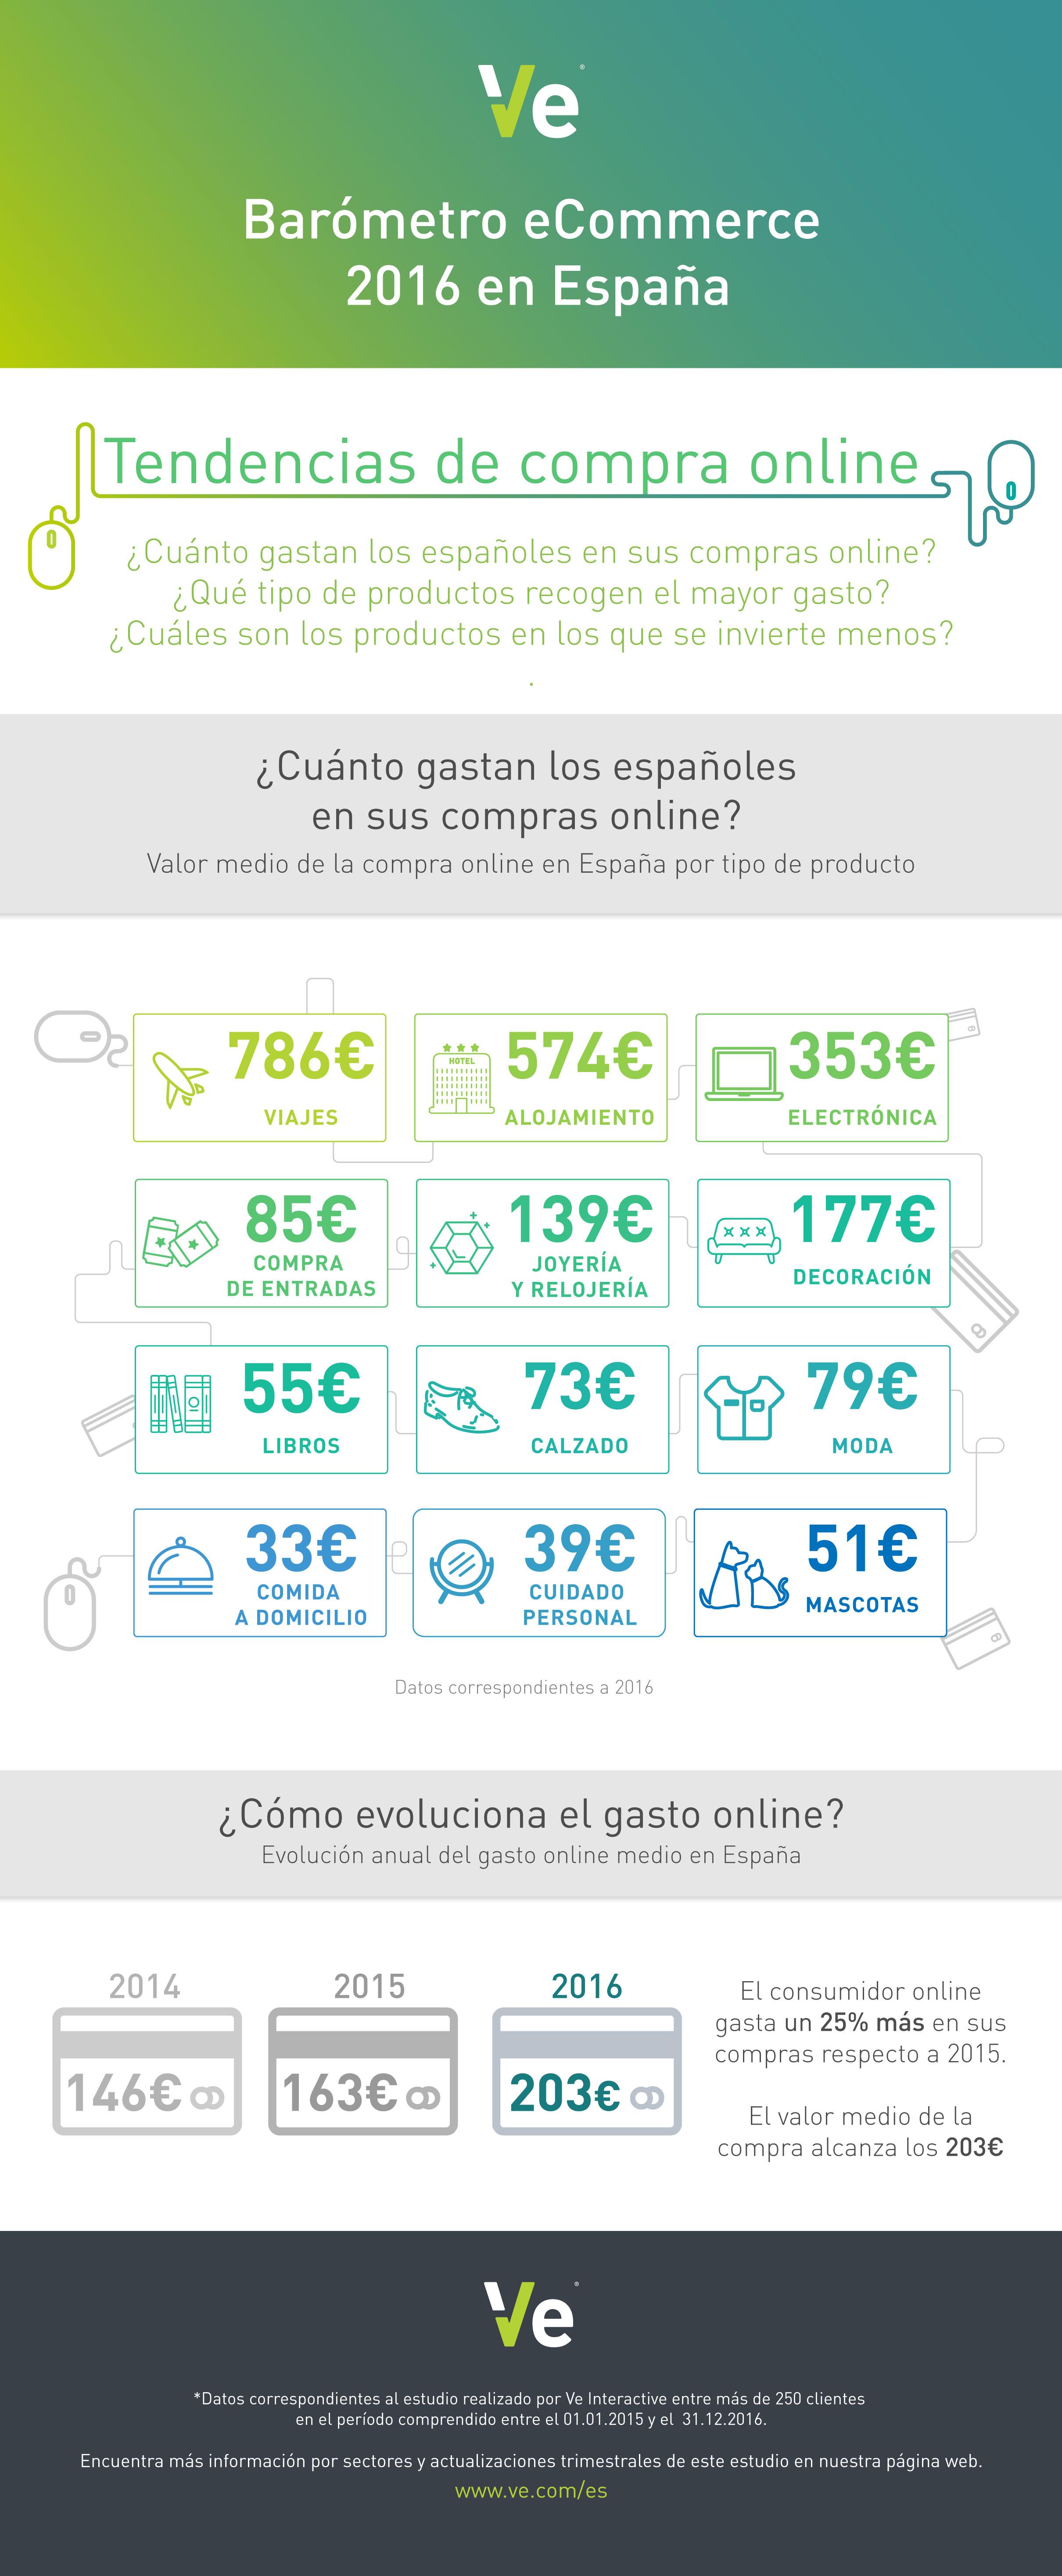 La cesta media de los consumidores on-line superó los 200 euros en 2016